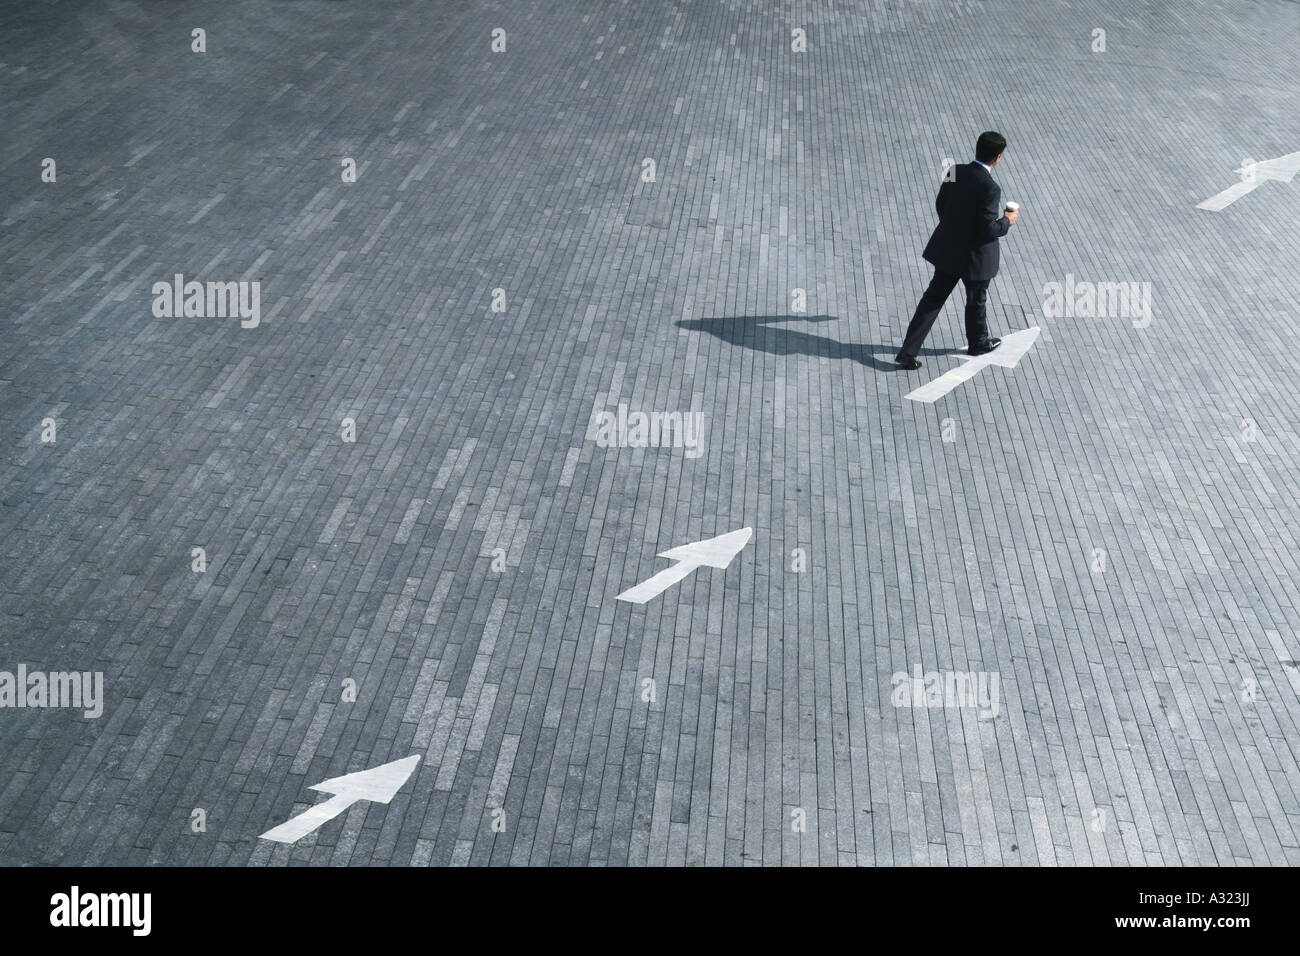 Il concetto di business di un uomo seguendo il senso delle frecce Foto Stock